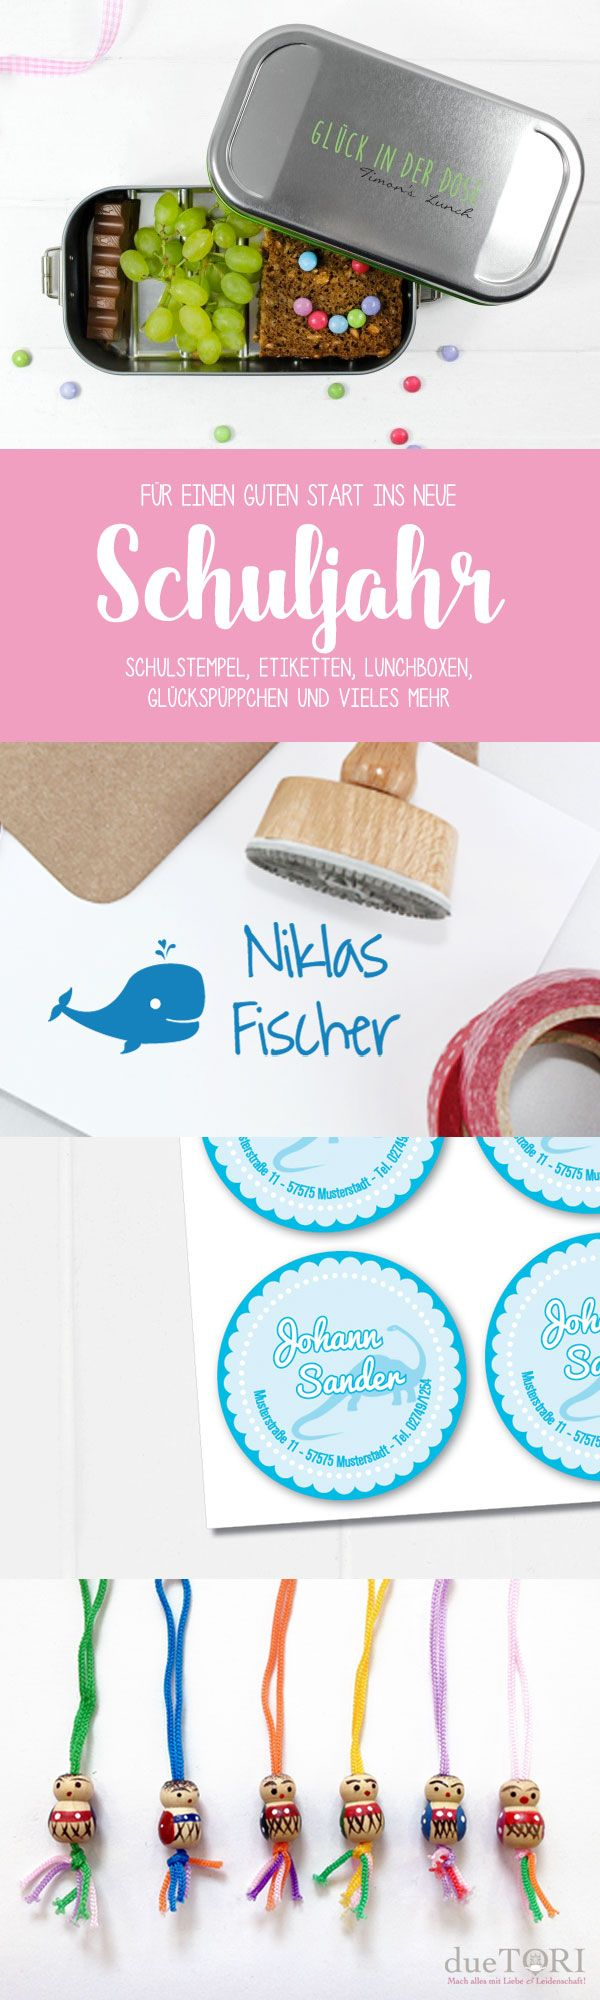 Du suchst noch ein schönes Geschenk zur Einschulung? Wie wäre es mit einer personalisierten Lunchbox, einem Stempel für Deine Schulbücher oder Klebeetiketten mit dem Namen Deines Kindes!